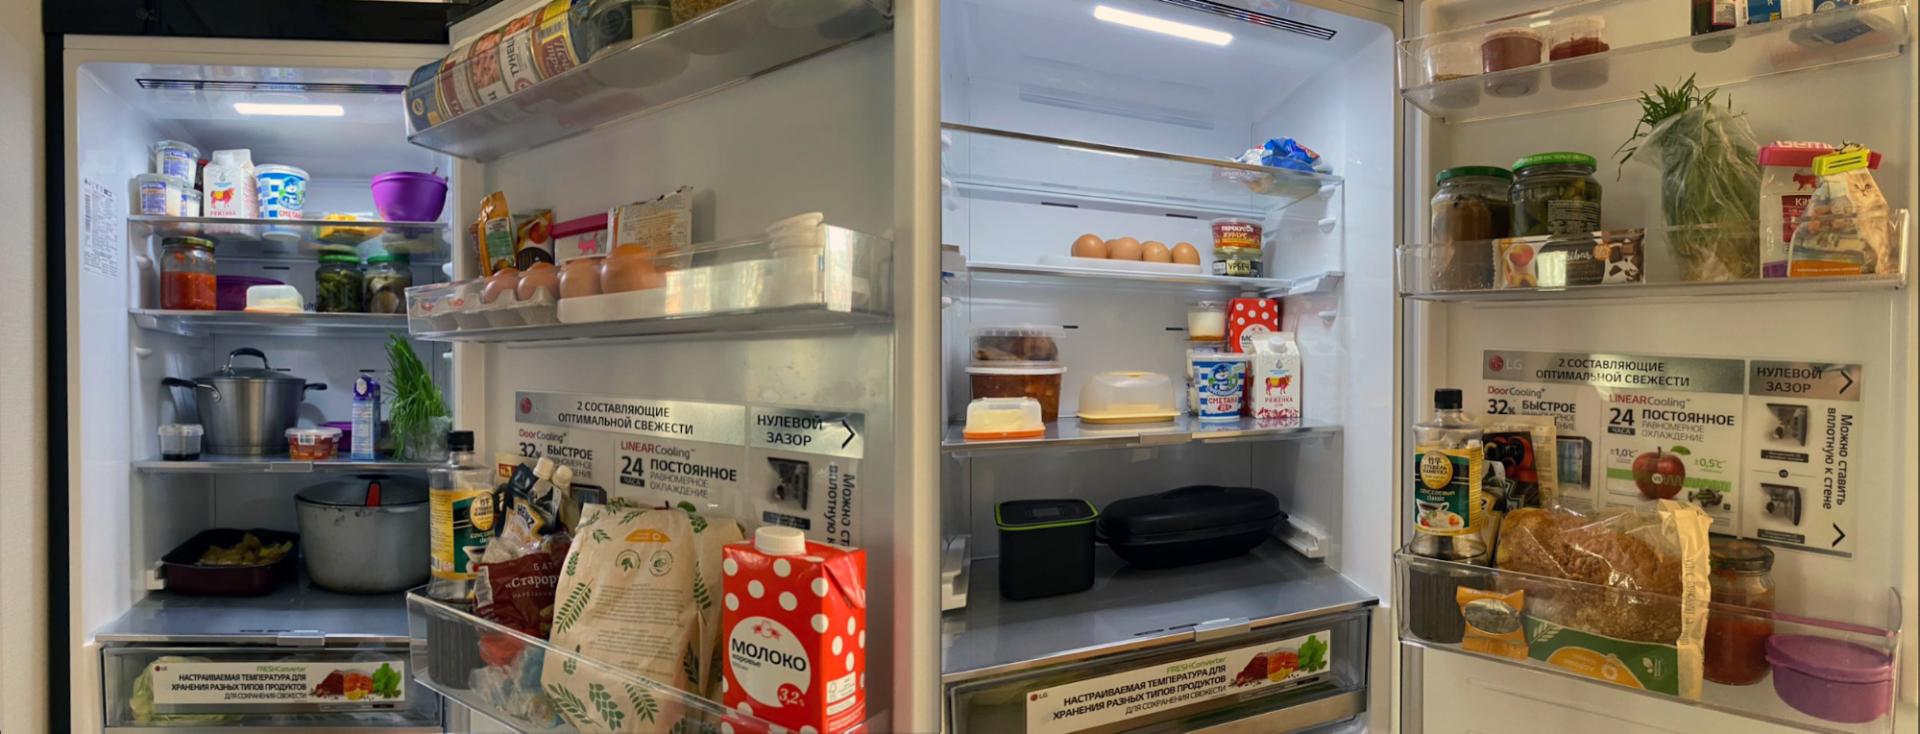 В холодильнике стало больше места, понятно, что нужно съесть, а что — докупить, всё ненужное выброшено или заморожено